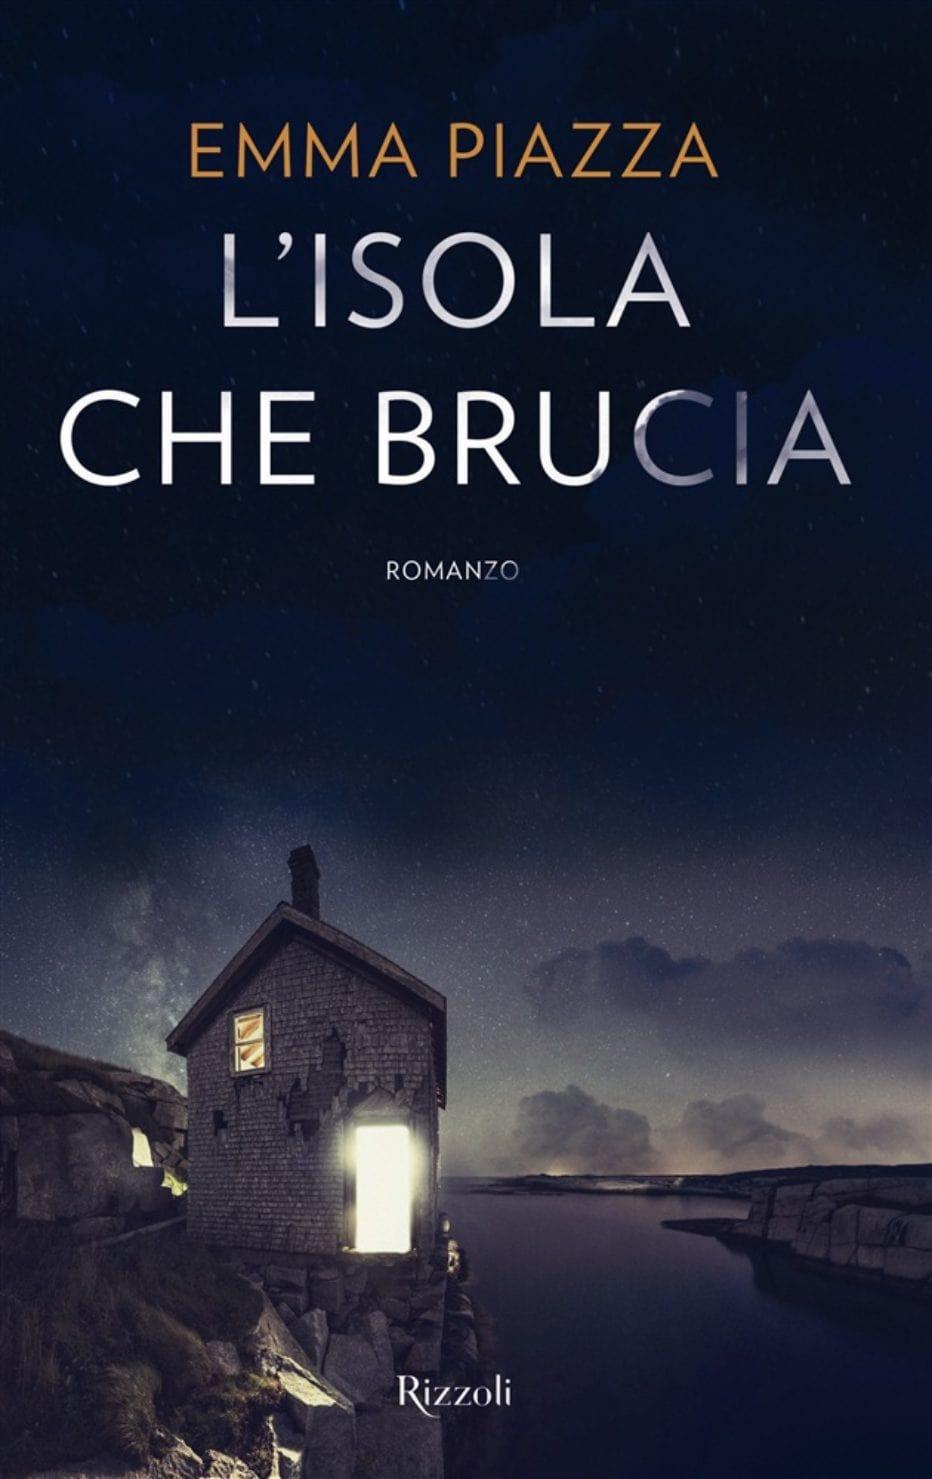 Intervista a Emma Piazza, astro nascente della letteratura italiana